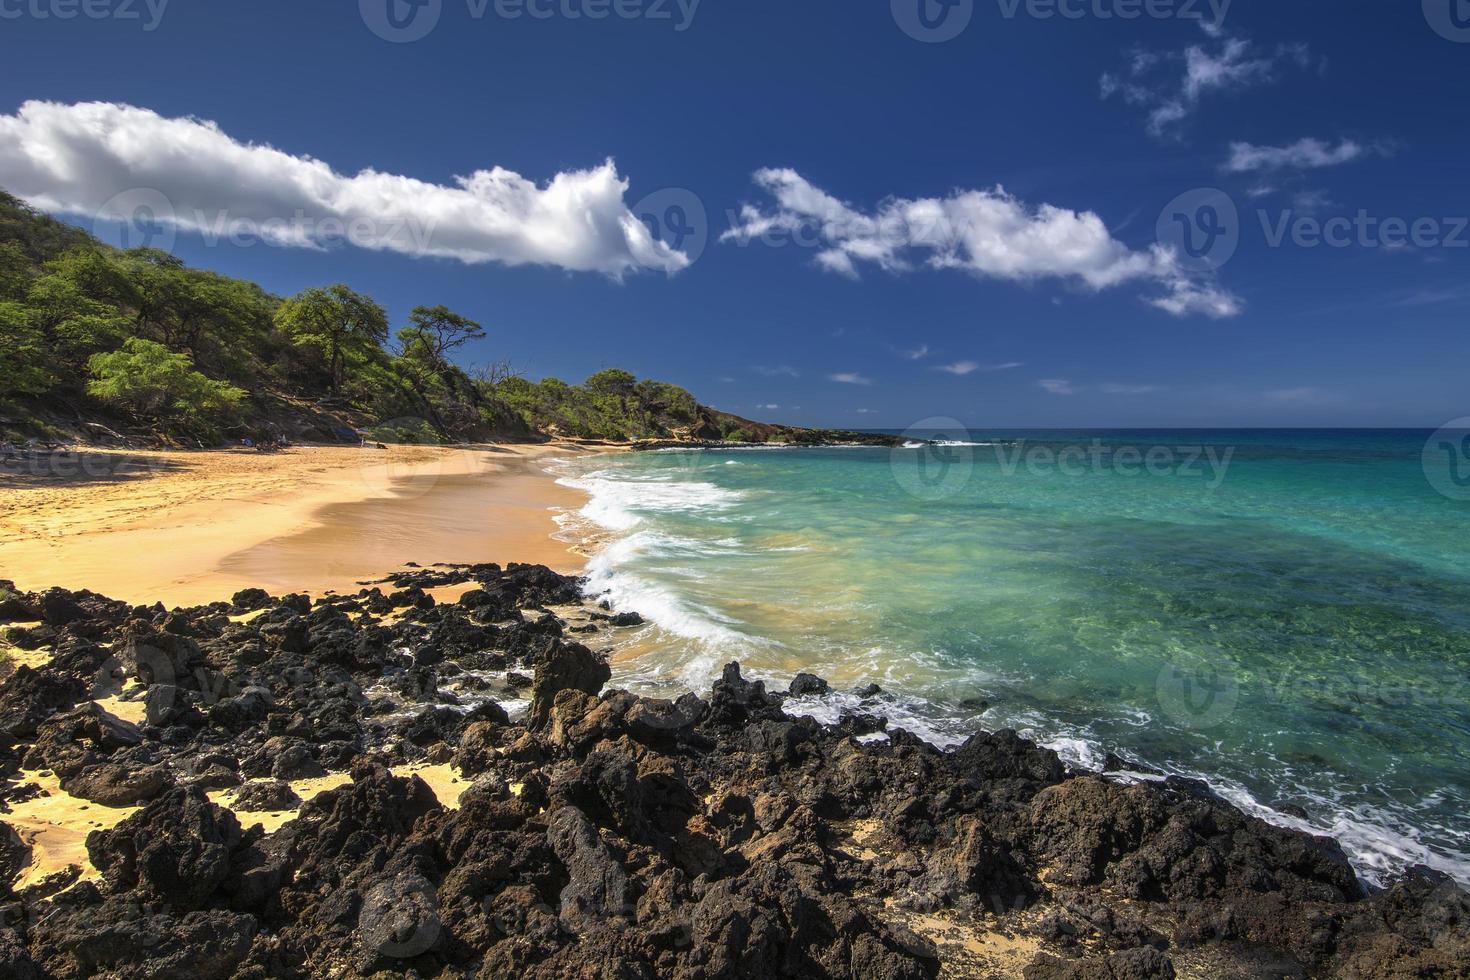 piccola spiaggia nel parco statale di makena, maui del sud, hawaii, stati uniti d'america foto